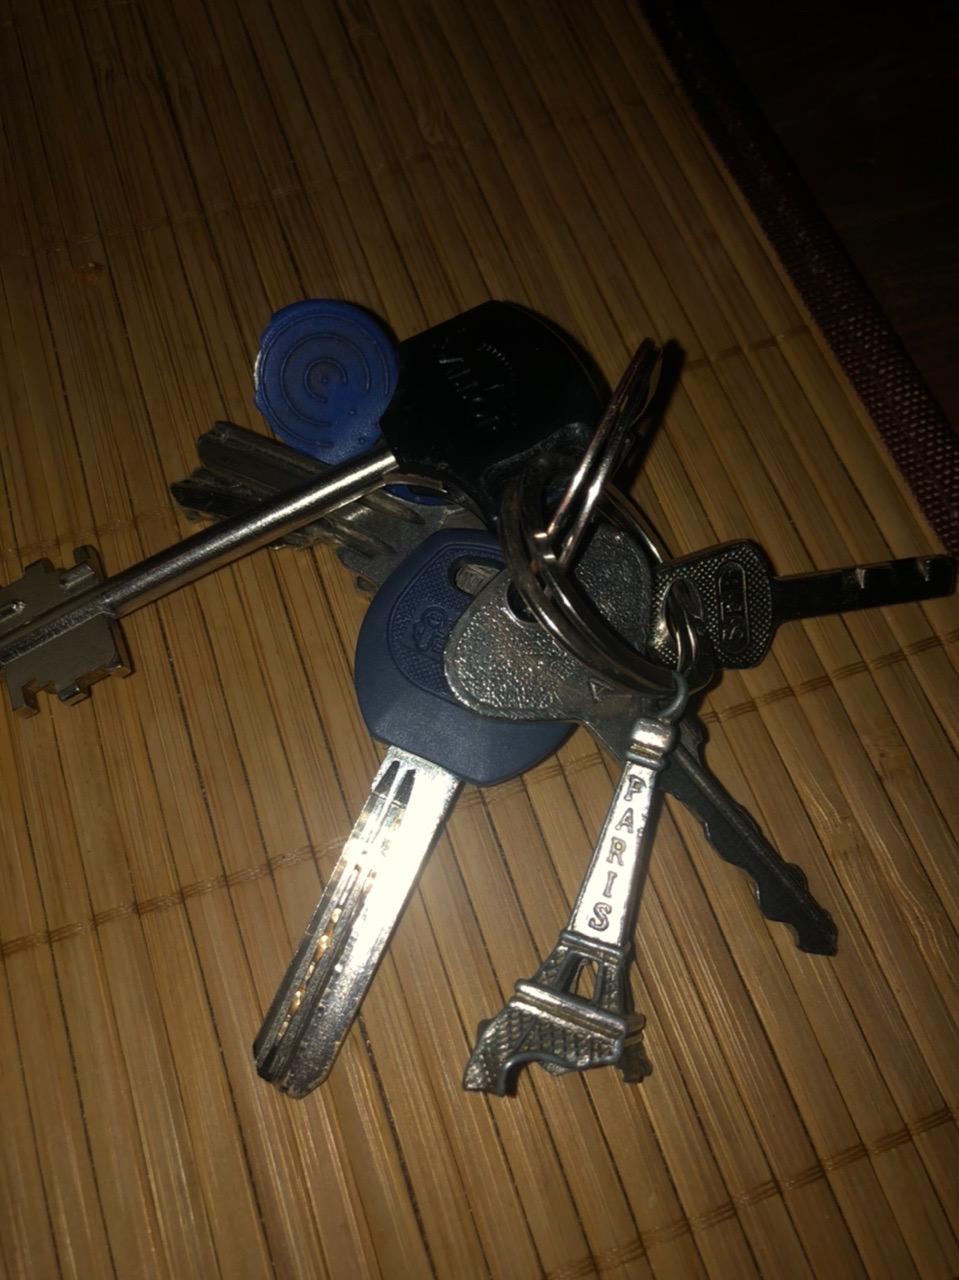 Найдены ключи в районе союз авто, сейчас